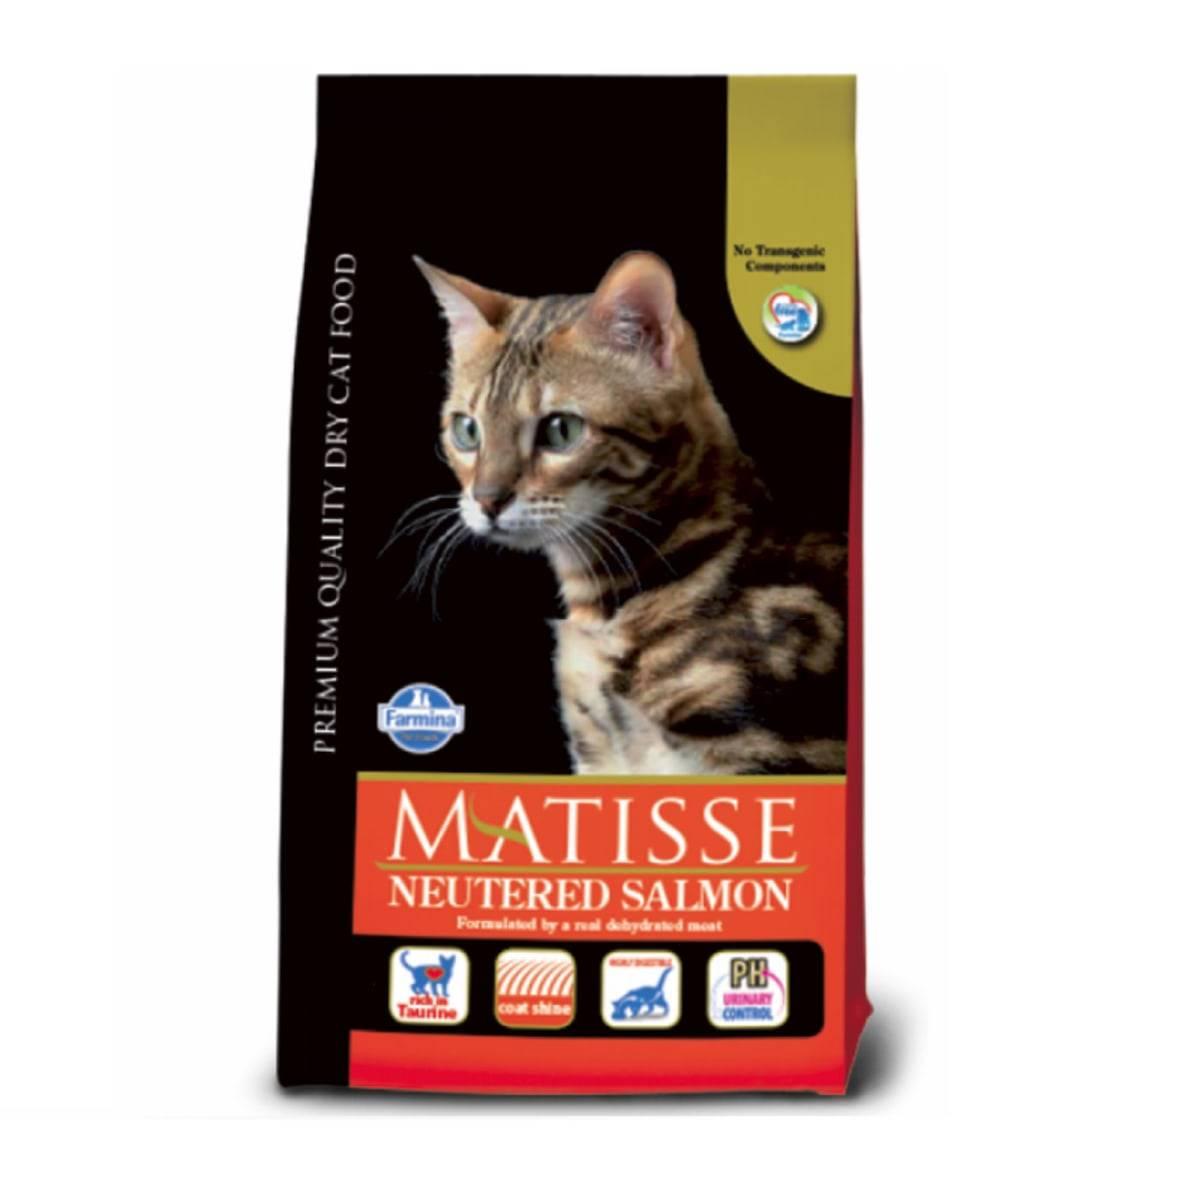 Матисс сухой корм для кошек